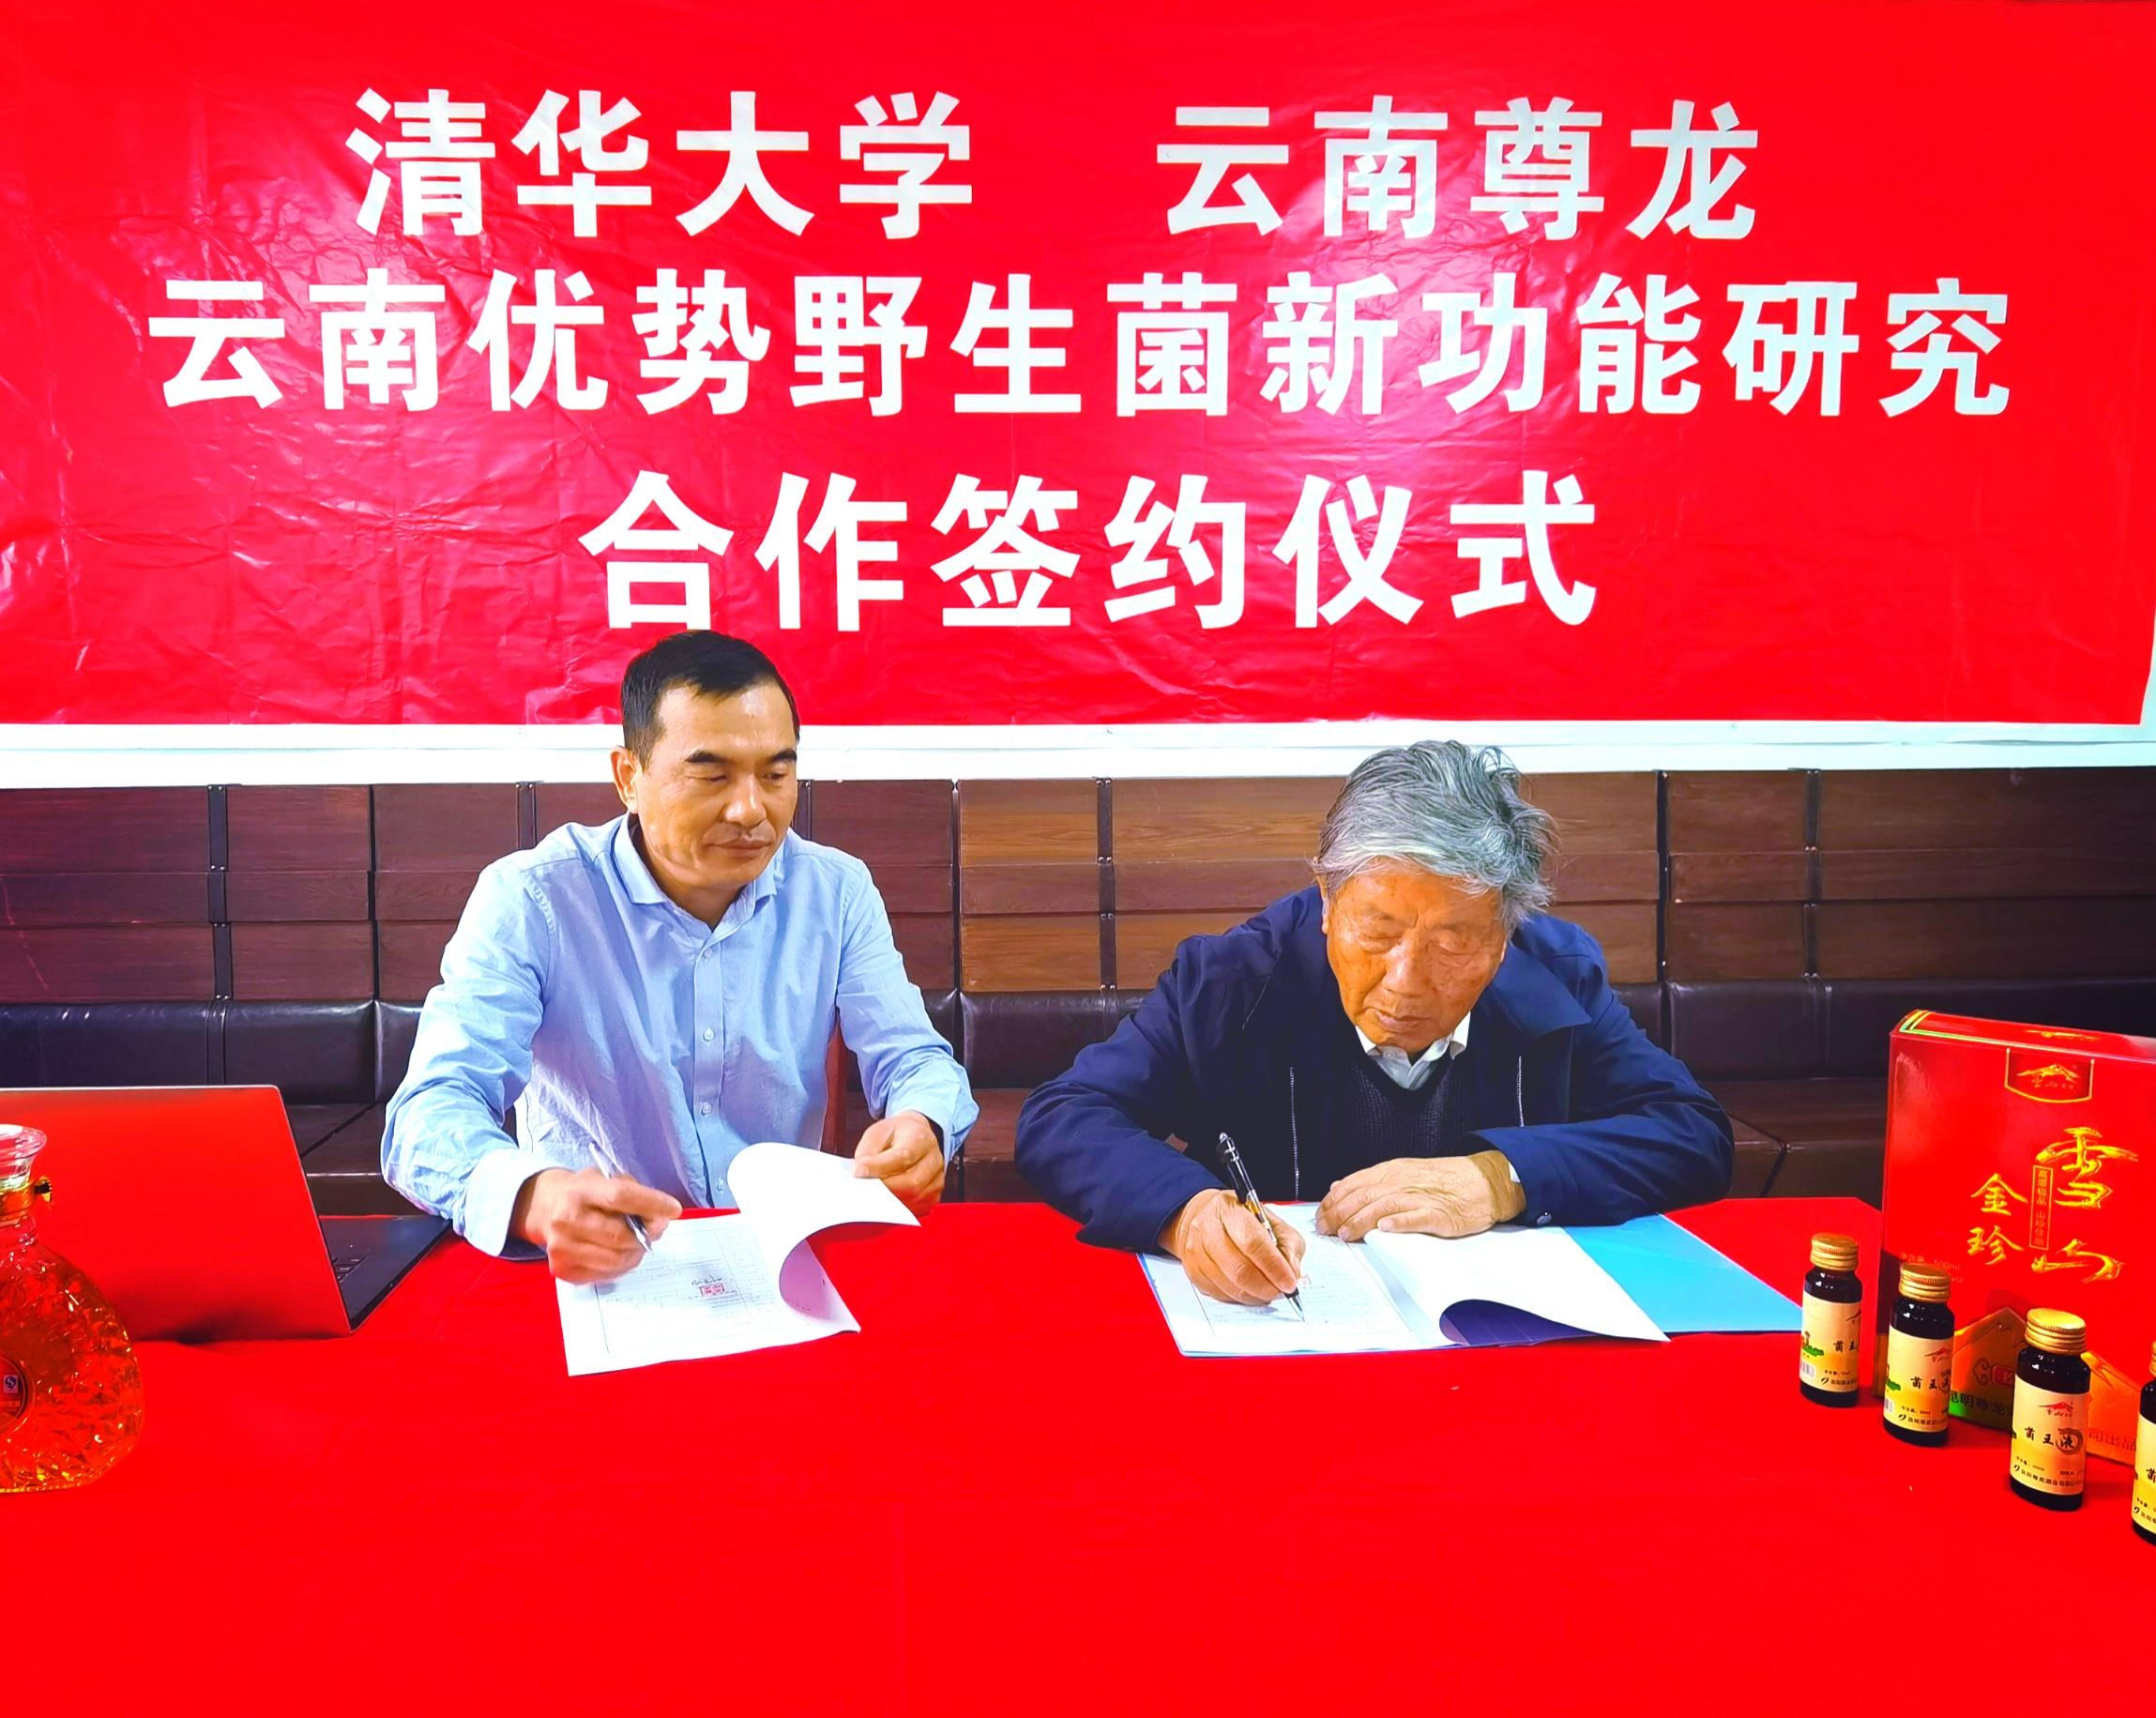 清华大学与昆明尊龙举行云南优势野生菌新功能研究合作签约仪式-天津热点网